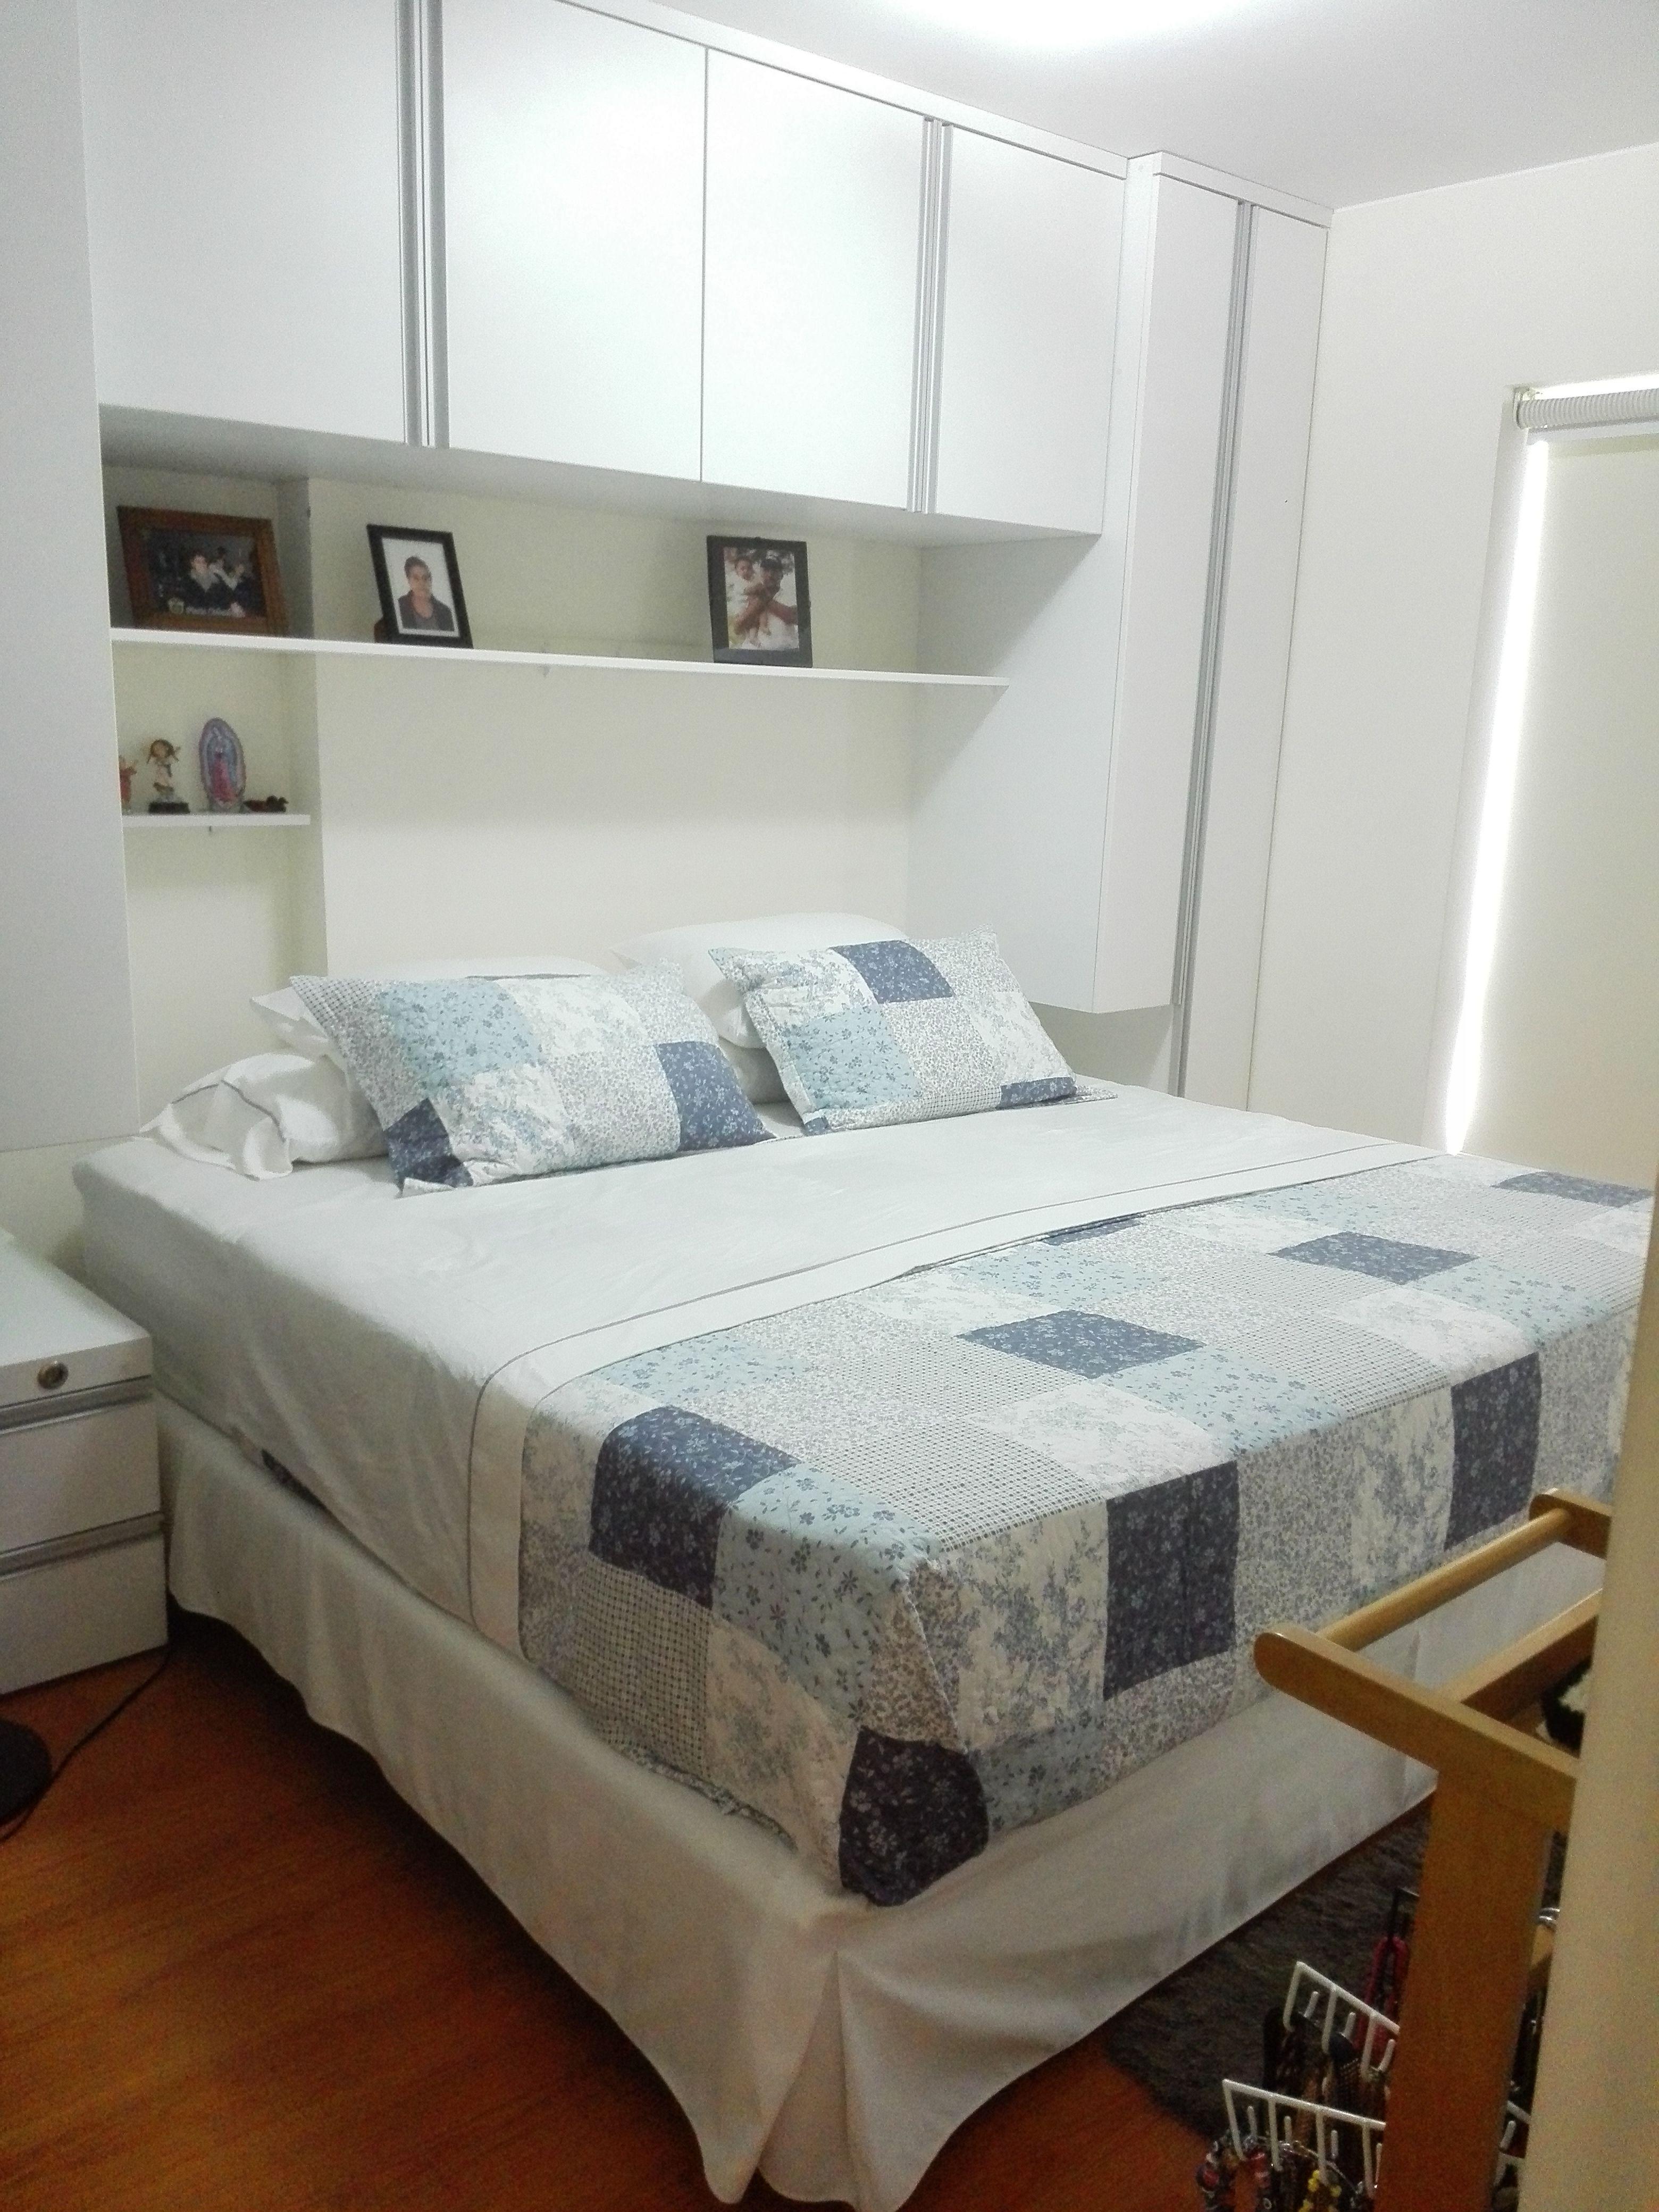 Habitacion peque a con cama king side y ropero de cabecera for Muebles pequenos para casas pequenas